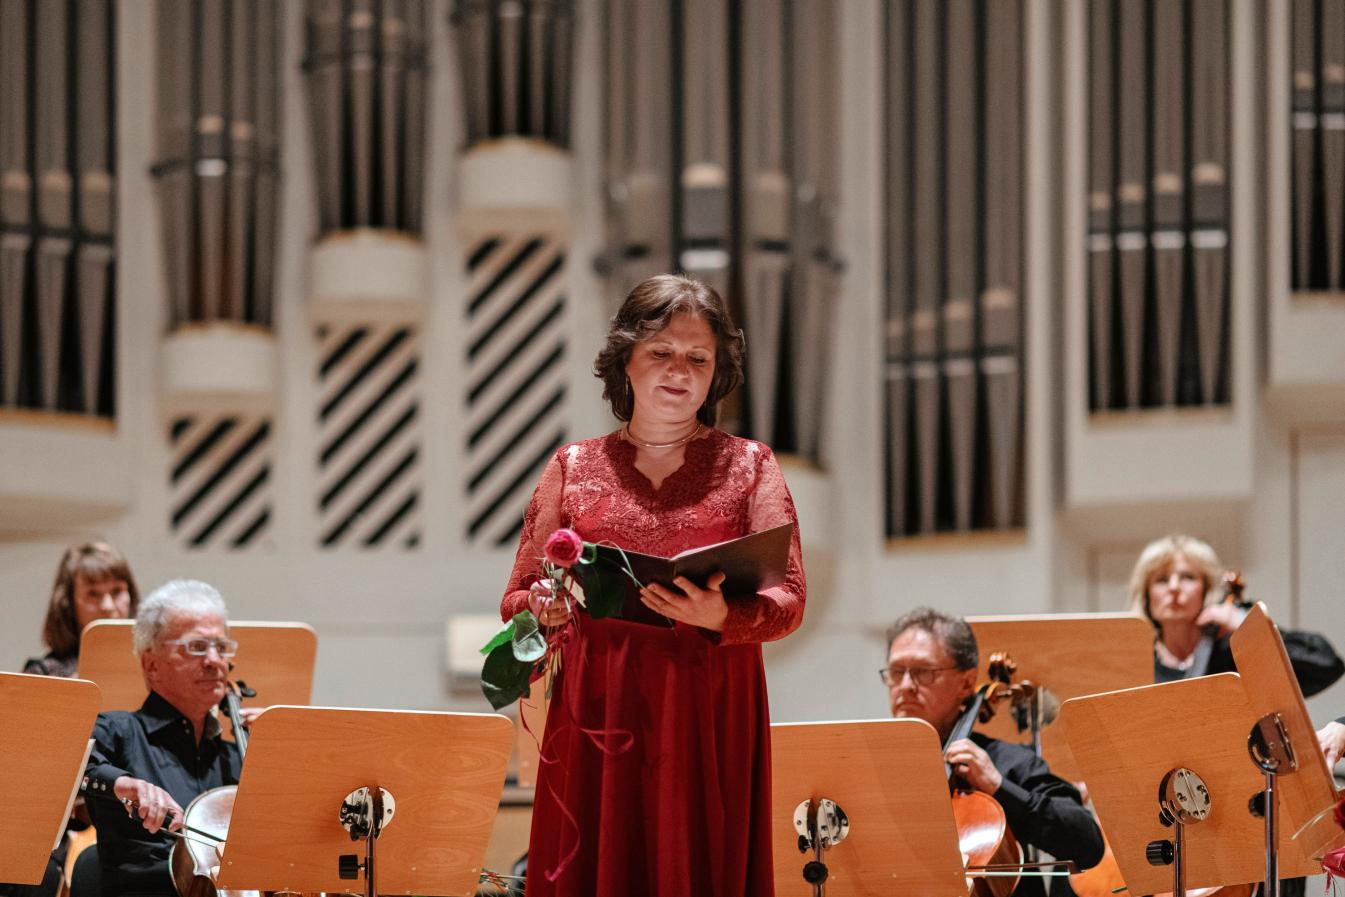 Kobieta w czerwonej sukni trzymająca w ręku różę oraz nuty na tle muzyków w filharmonii